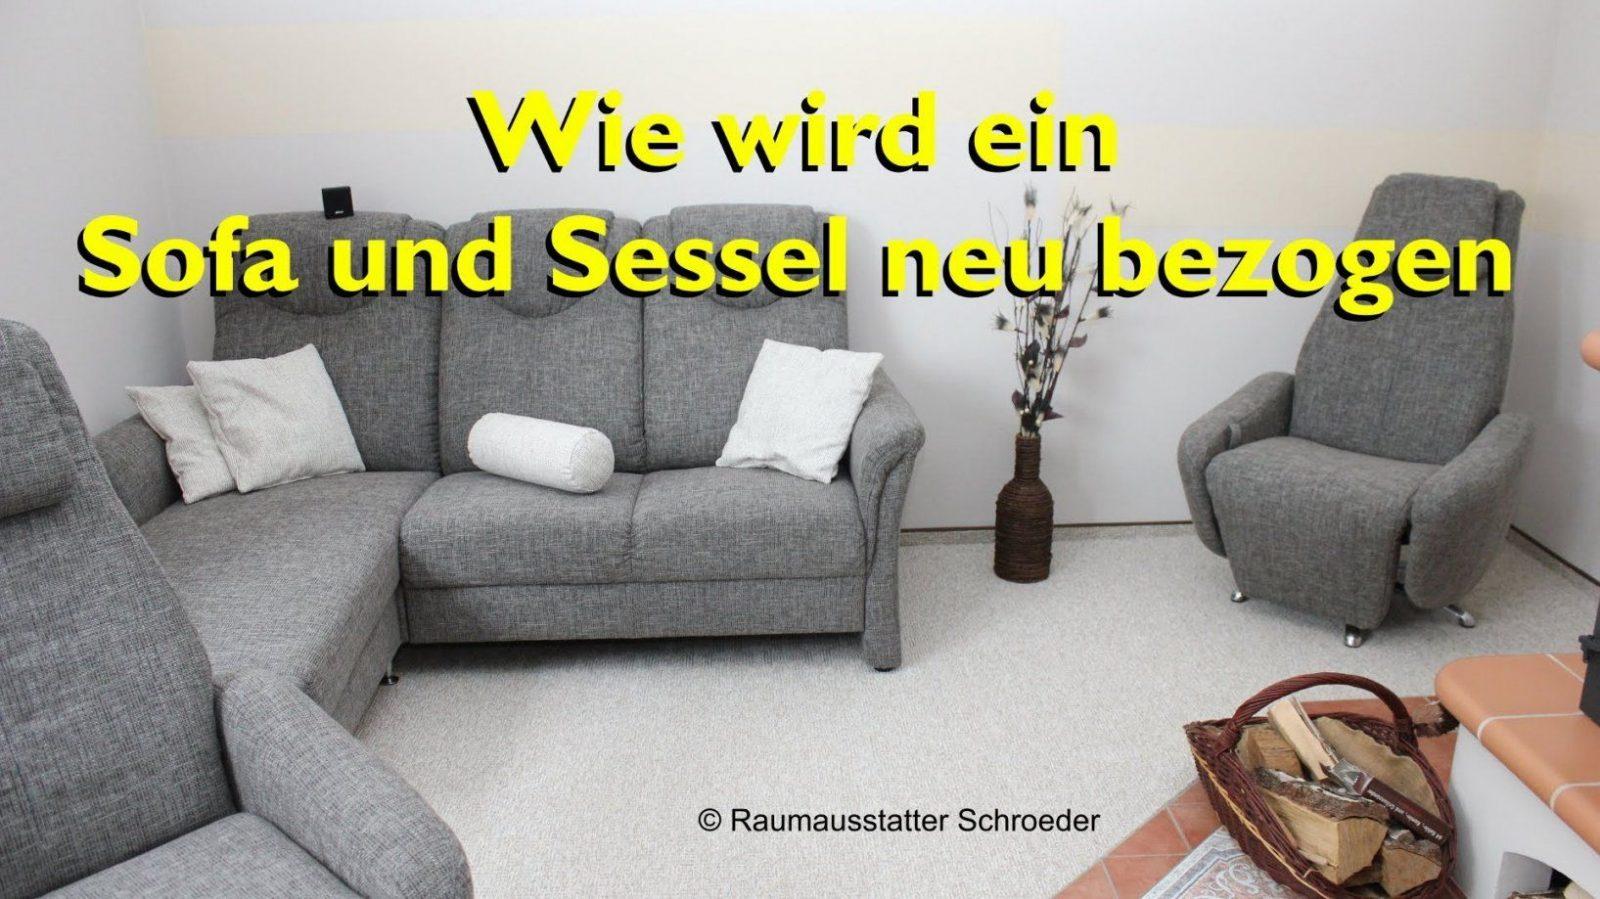 Sofa Und Sessel Neu Beziehen  Polstern  Couch Reupholstery Time von Polster Neu Beziehen Anleitungen Bild